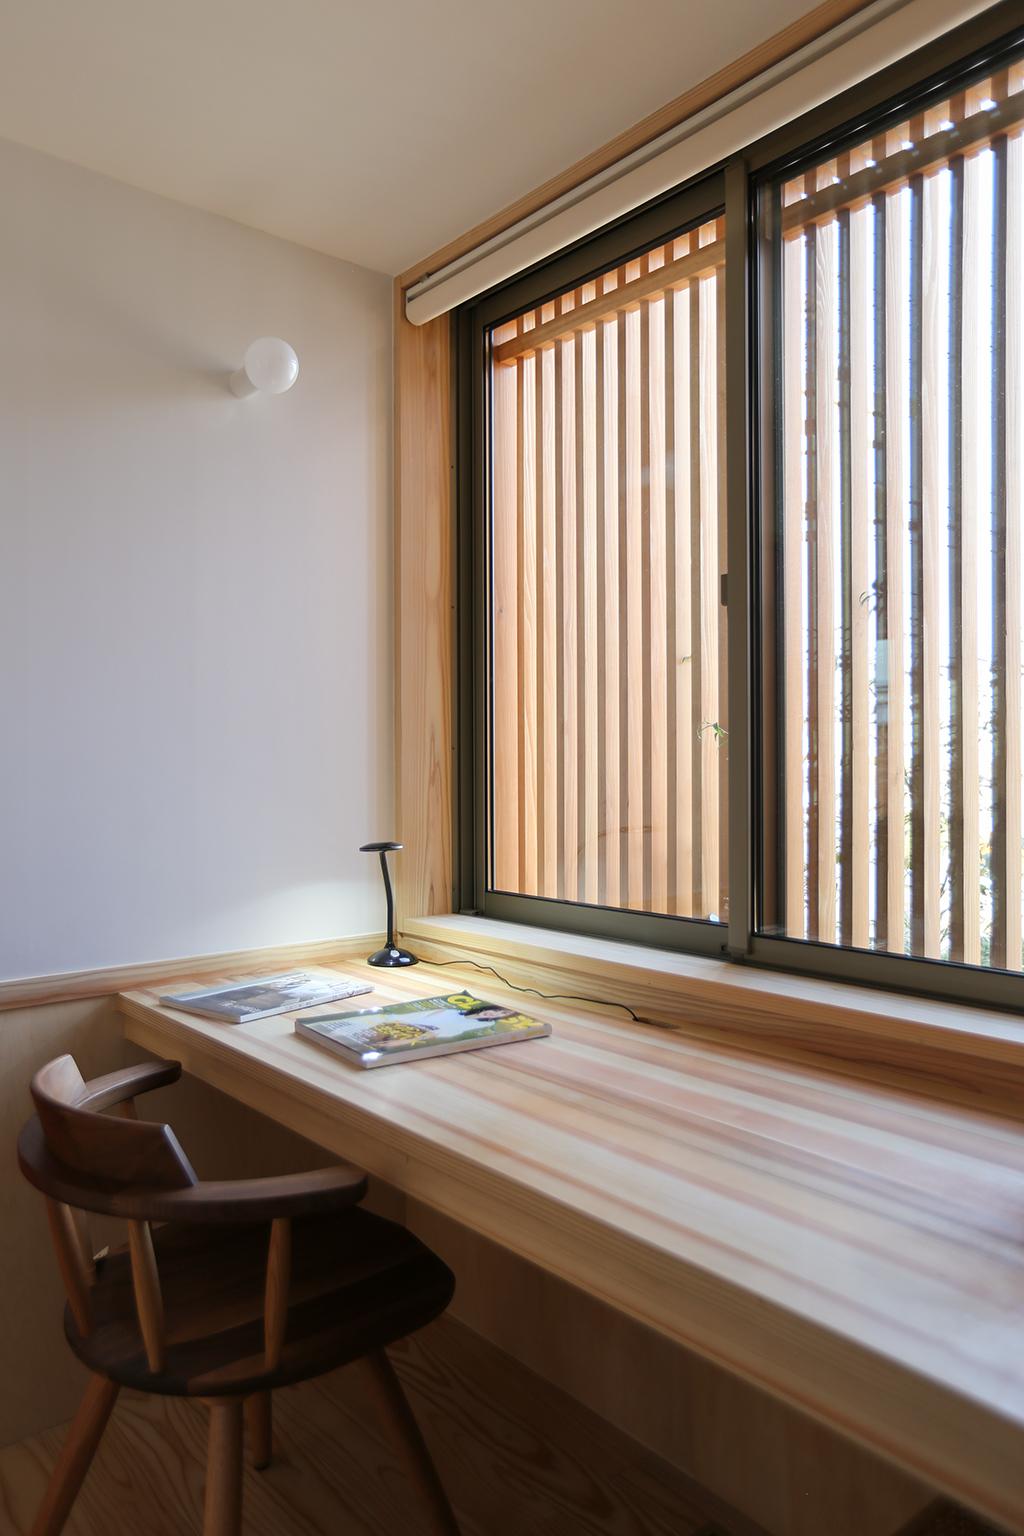 姫路市の木の家 キッチン脇の家事スペース